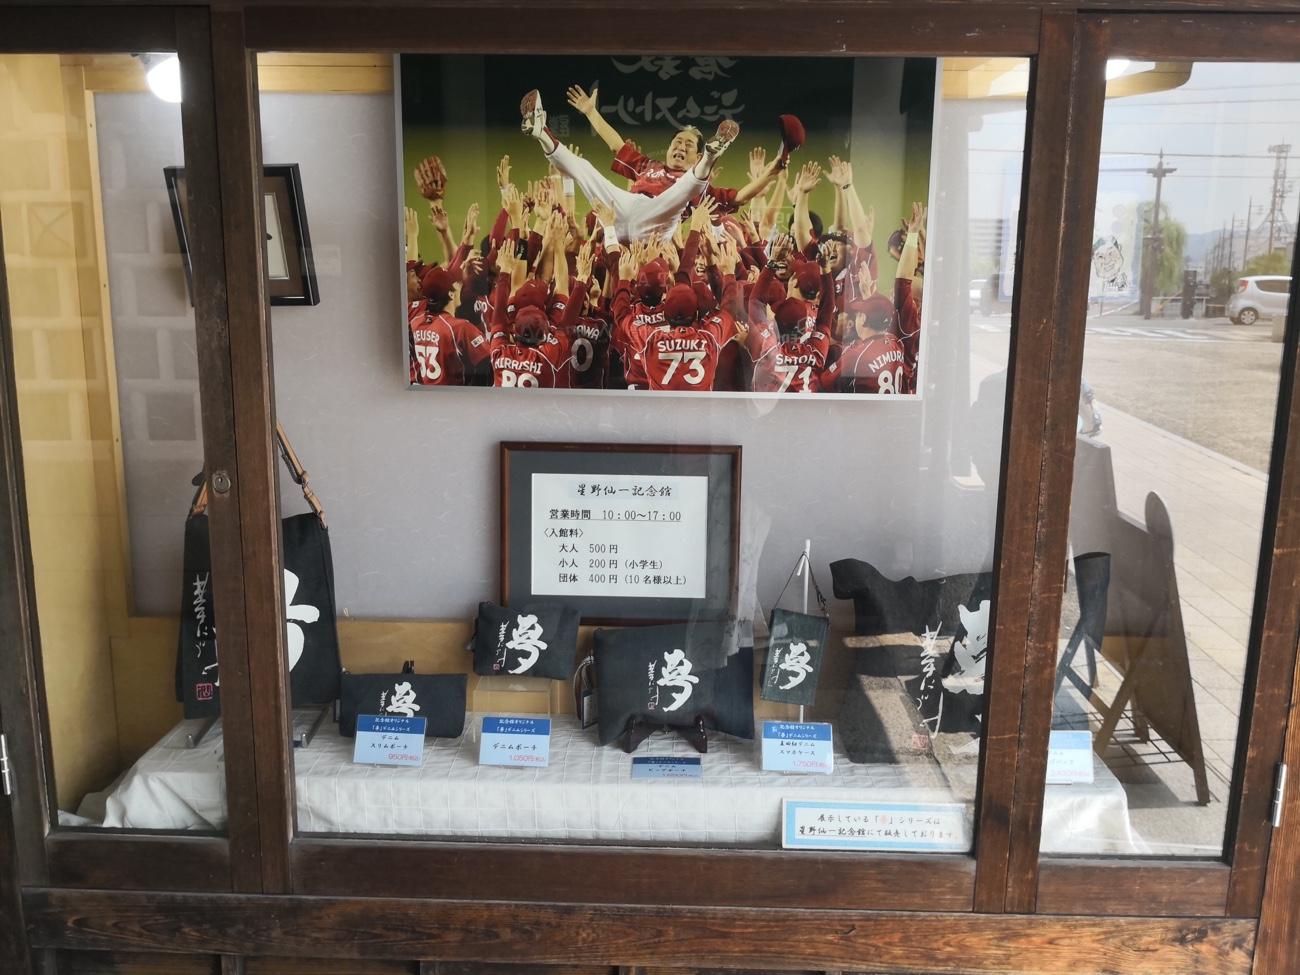 星野仙一記念館に行った口コミブログ